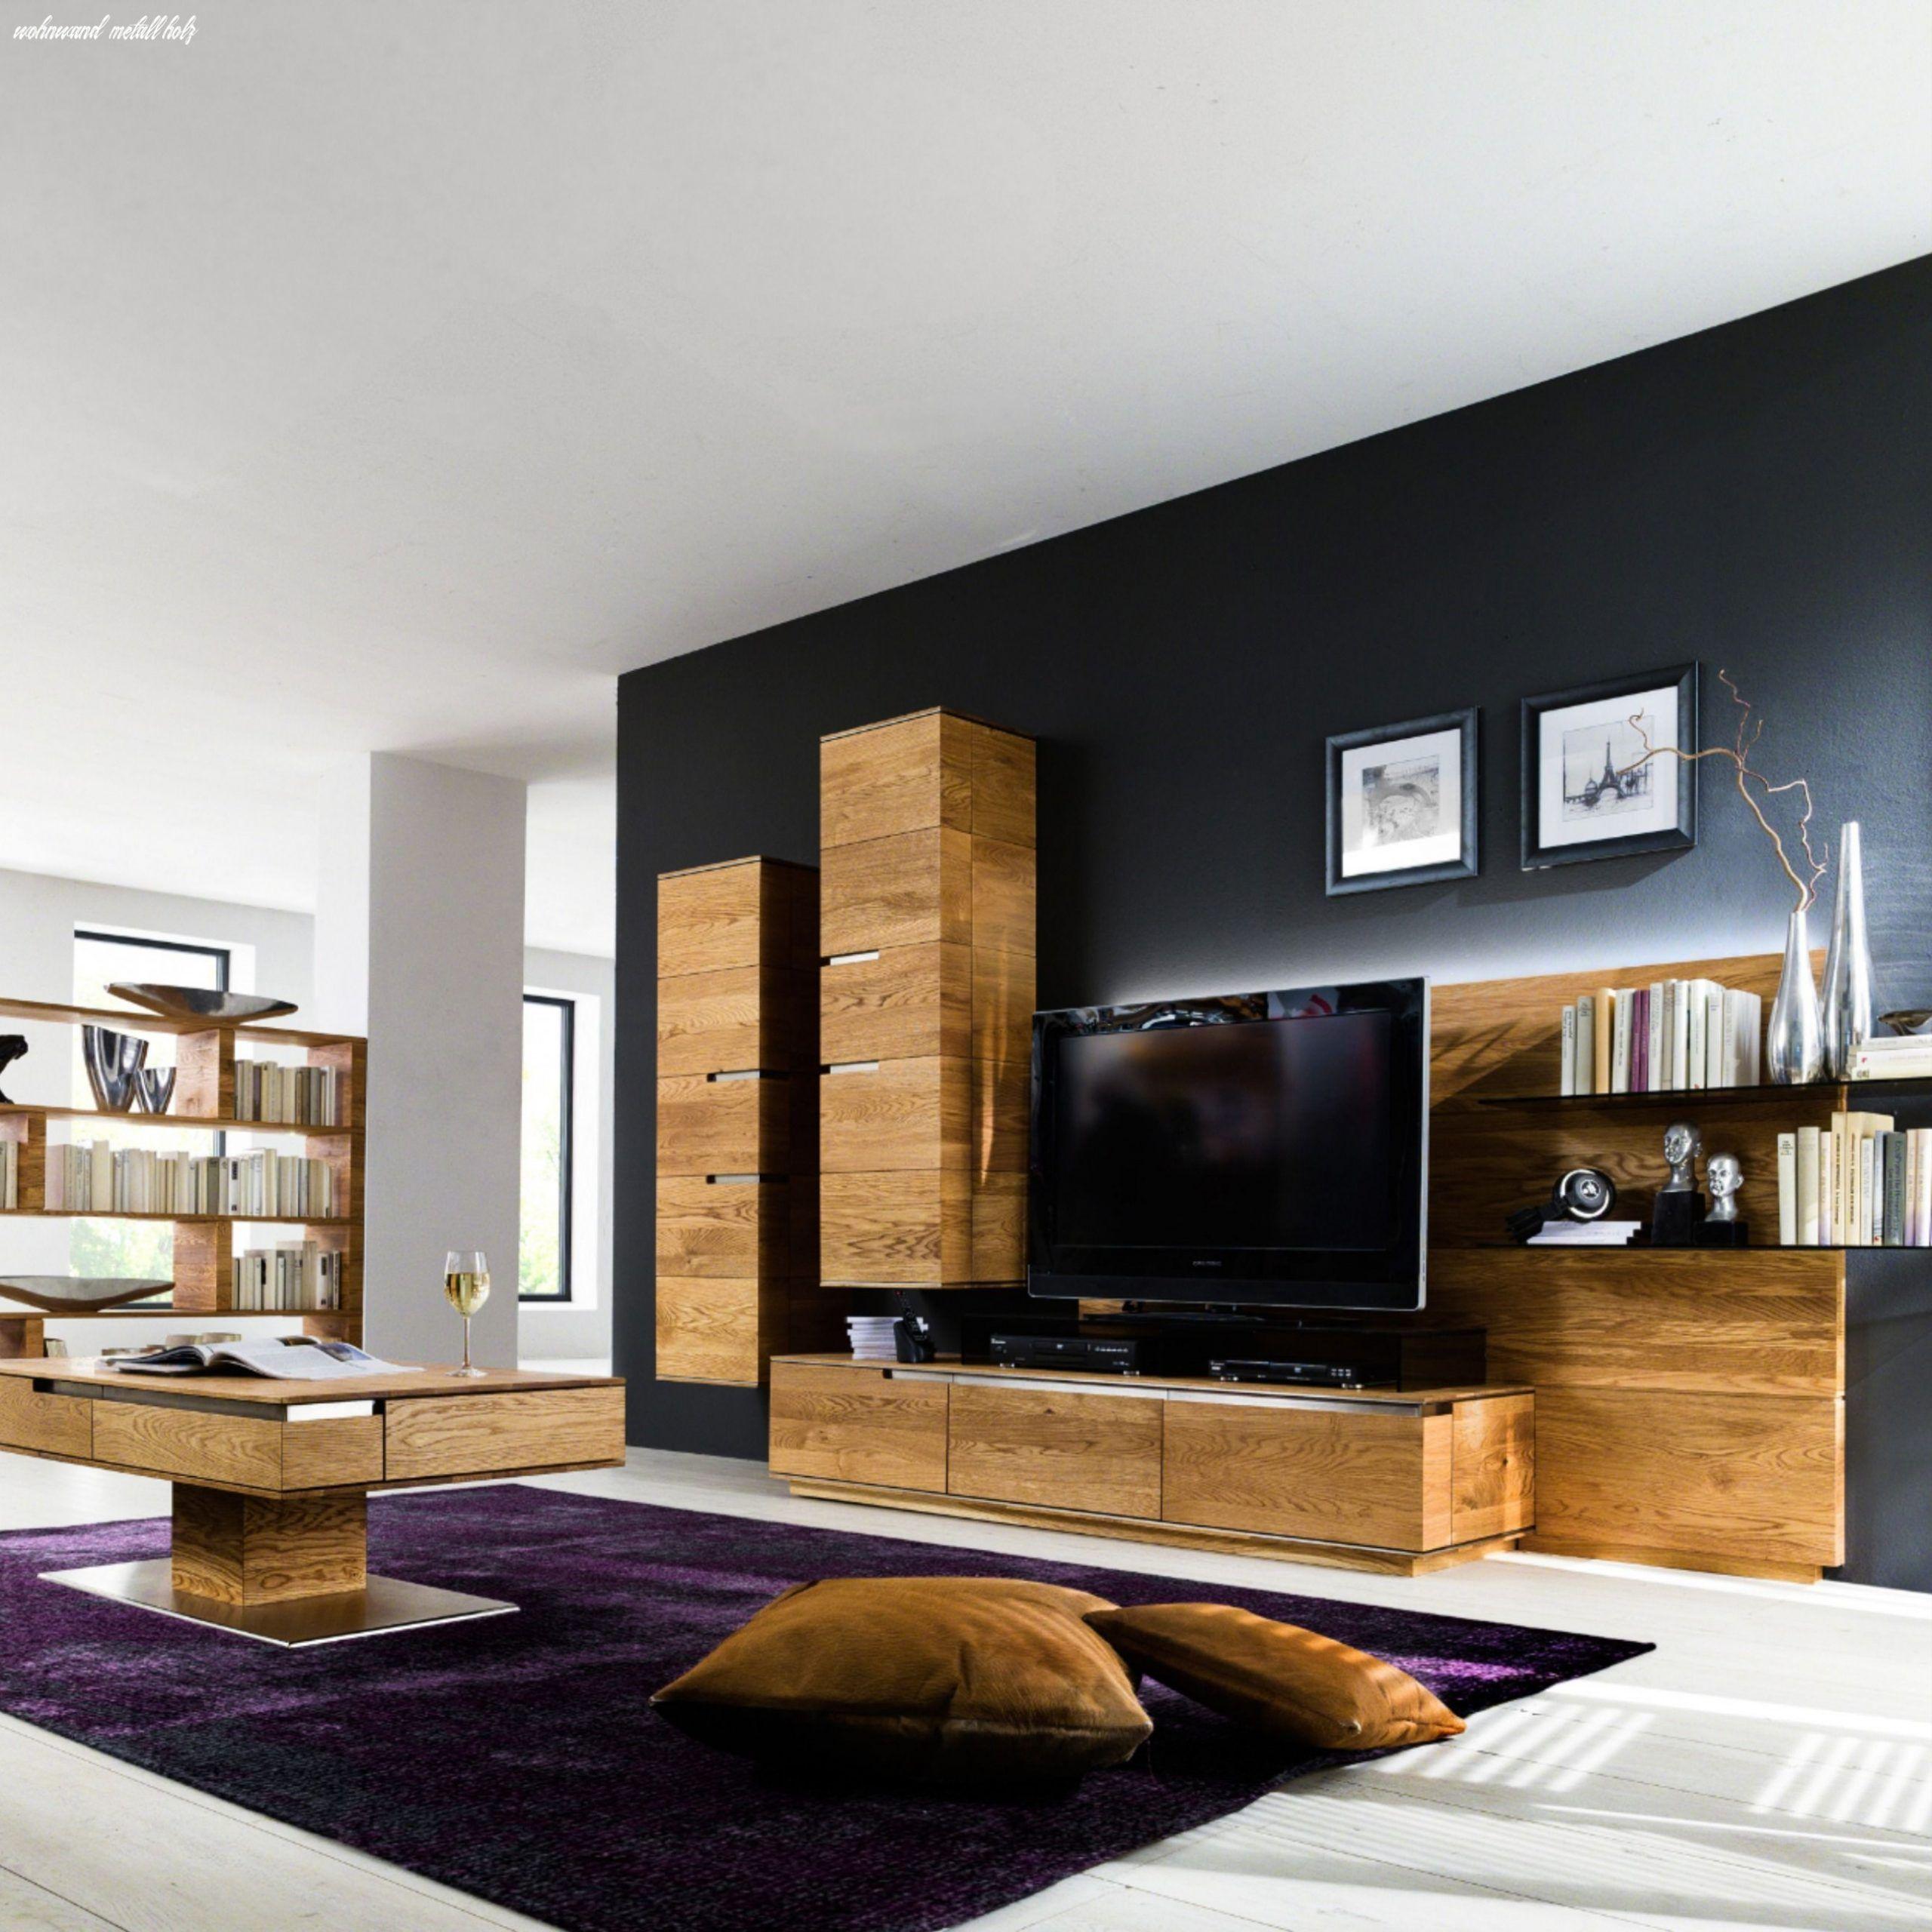 Beseitigen Sie Ihre Angste Und Zweifel An Wohnwand Metall Holz In 2020 Wohnen Holzwand Wohnzimmer Wohnung Einrichten